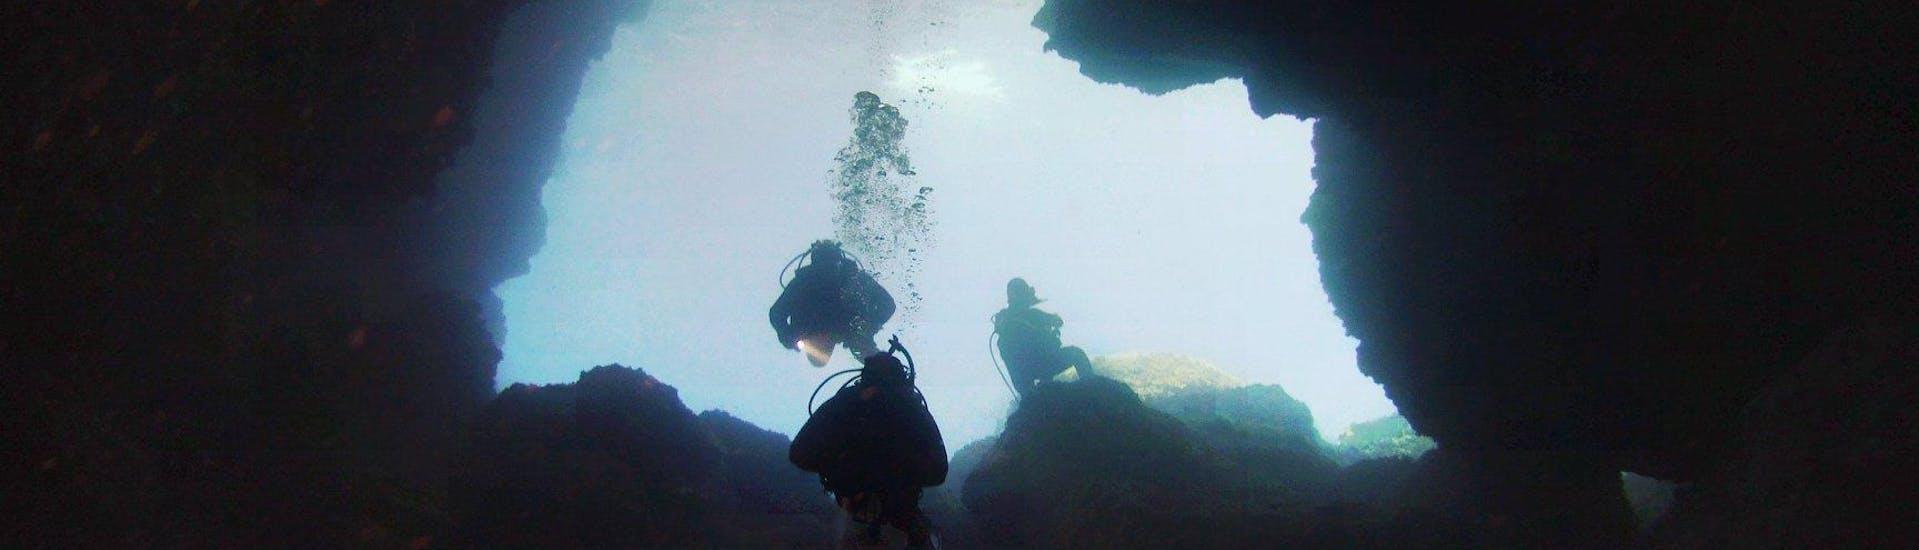 Wreck, Cave & Night Dives - Torrenova